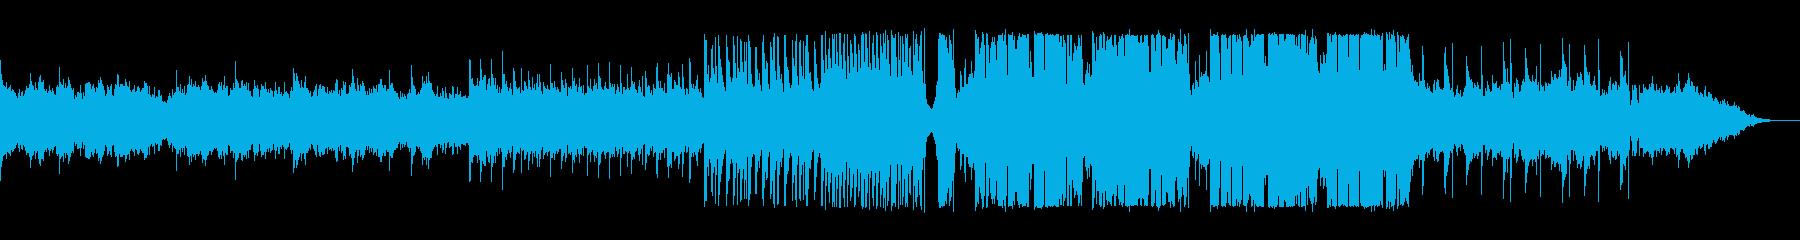 緩やかでミディアムテンポなテクノポップの再生済みの波形